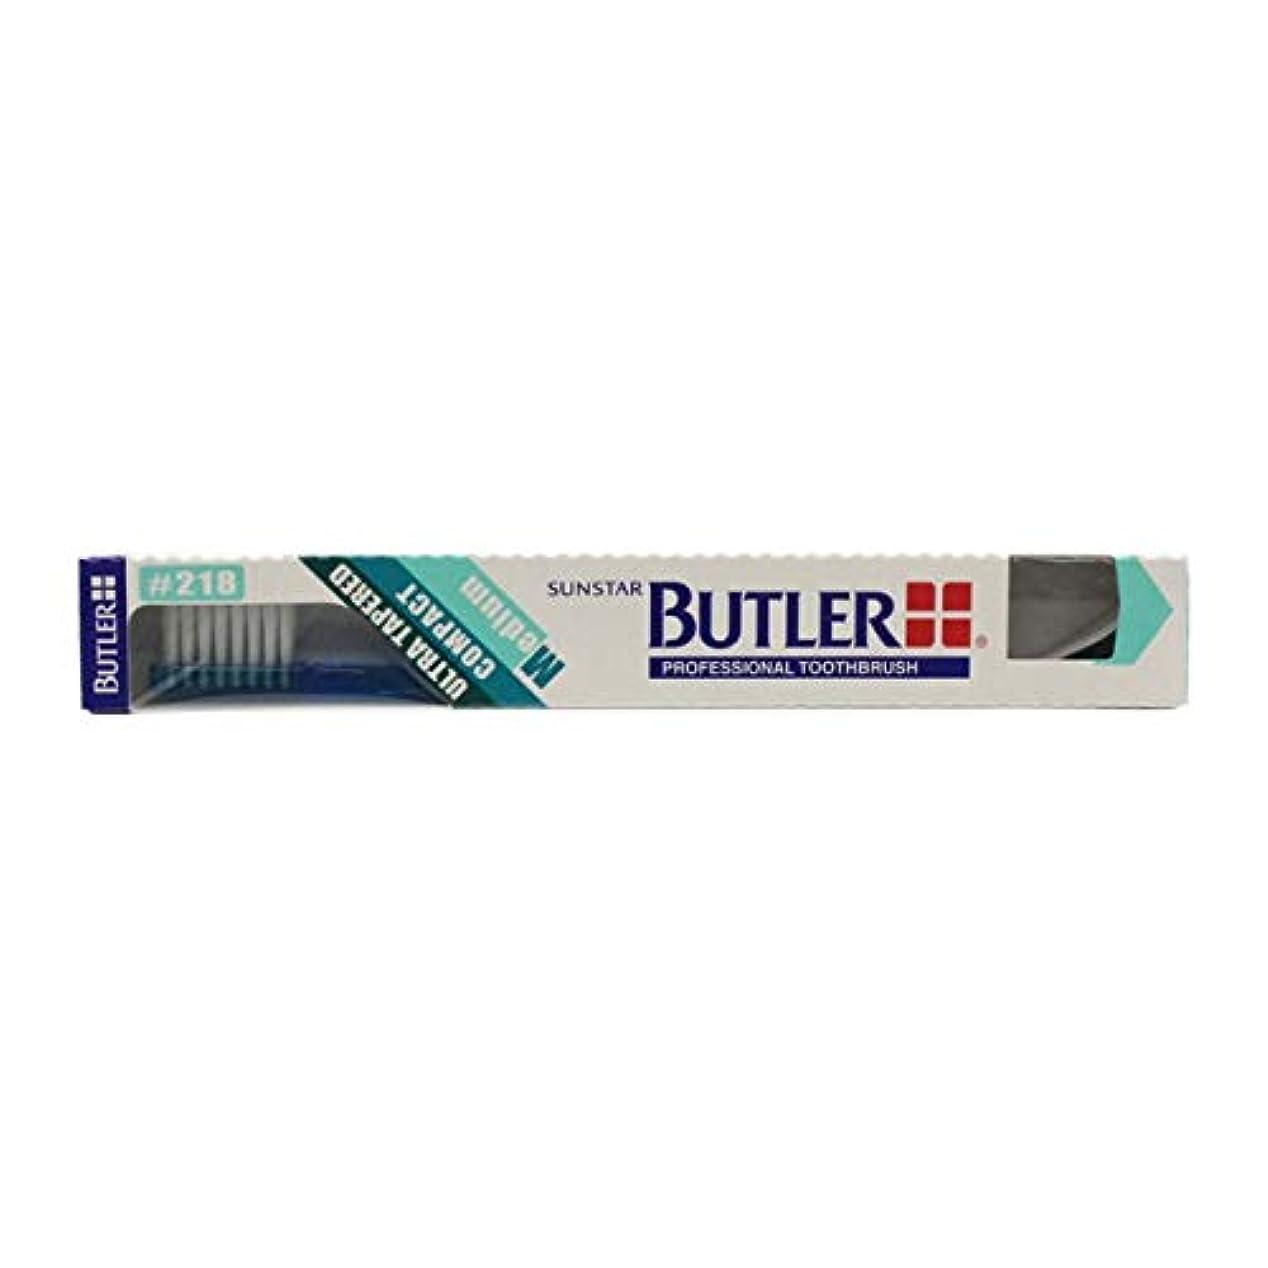 パトロン肺パケットサンスター バトラー 歯ブラシ #218 1本